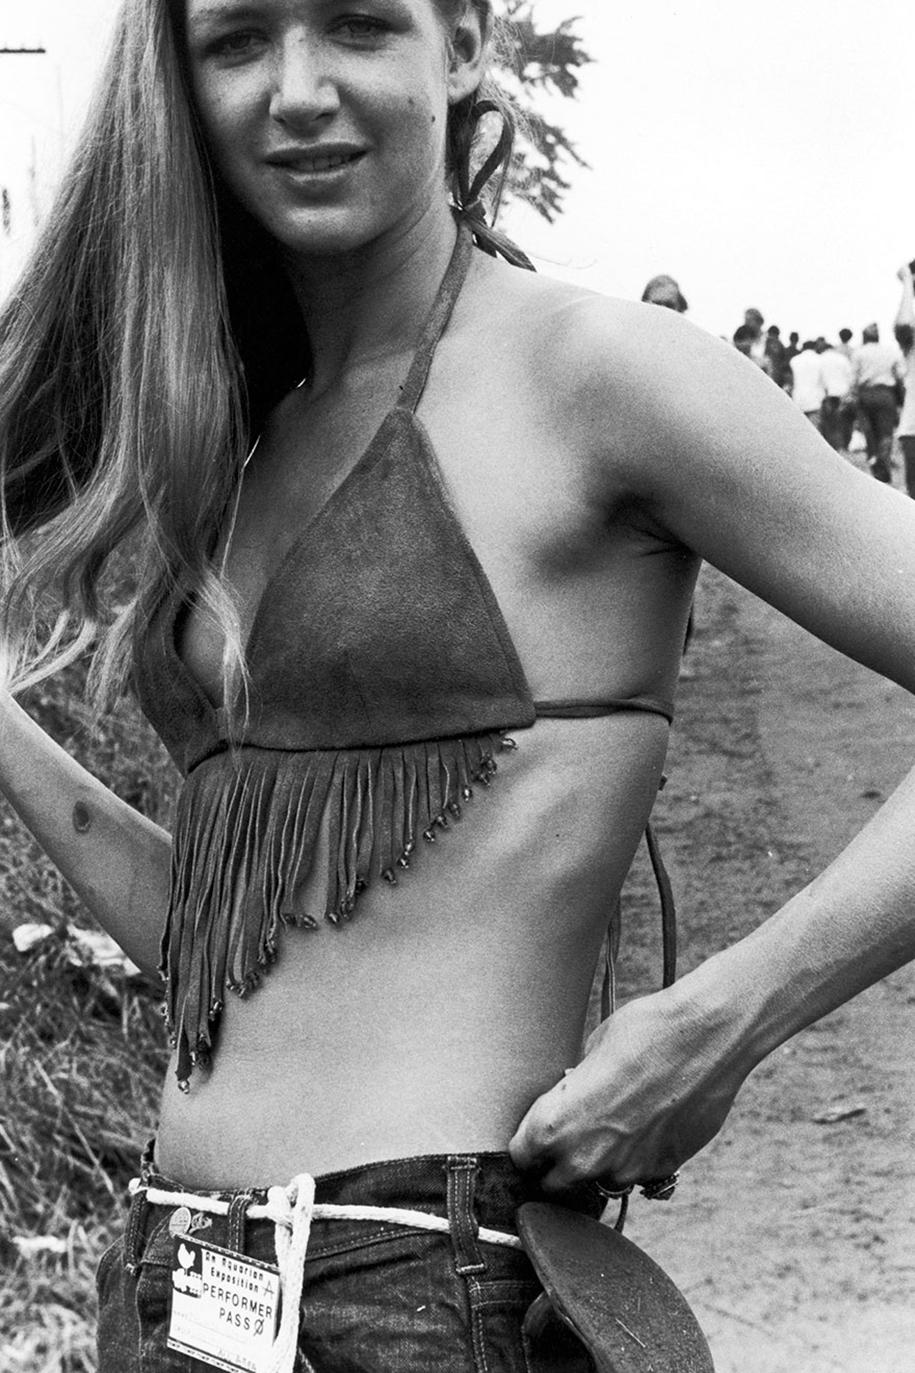 women-fashion-of-60s-woodstock-1969-2